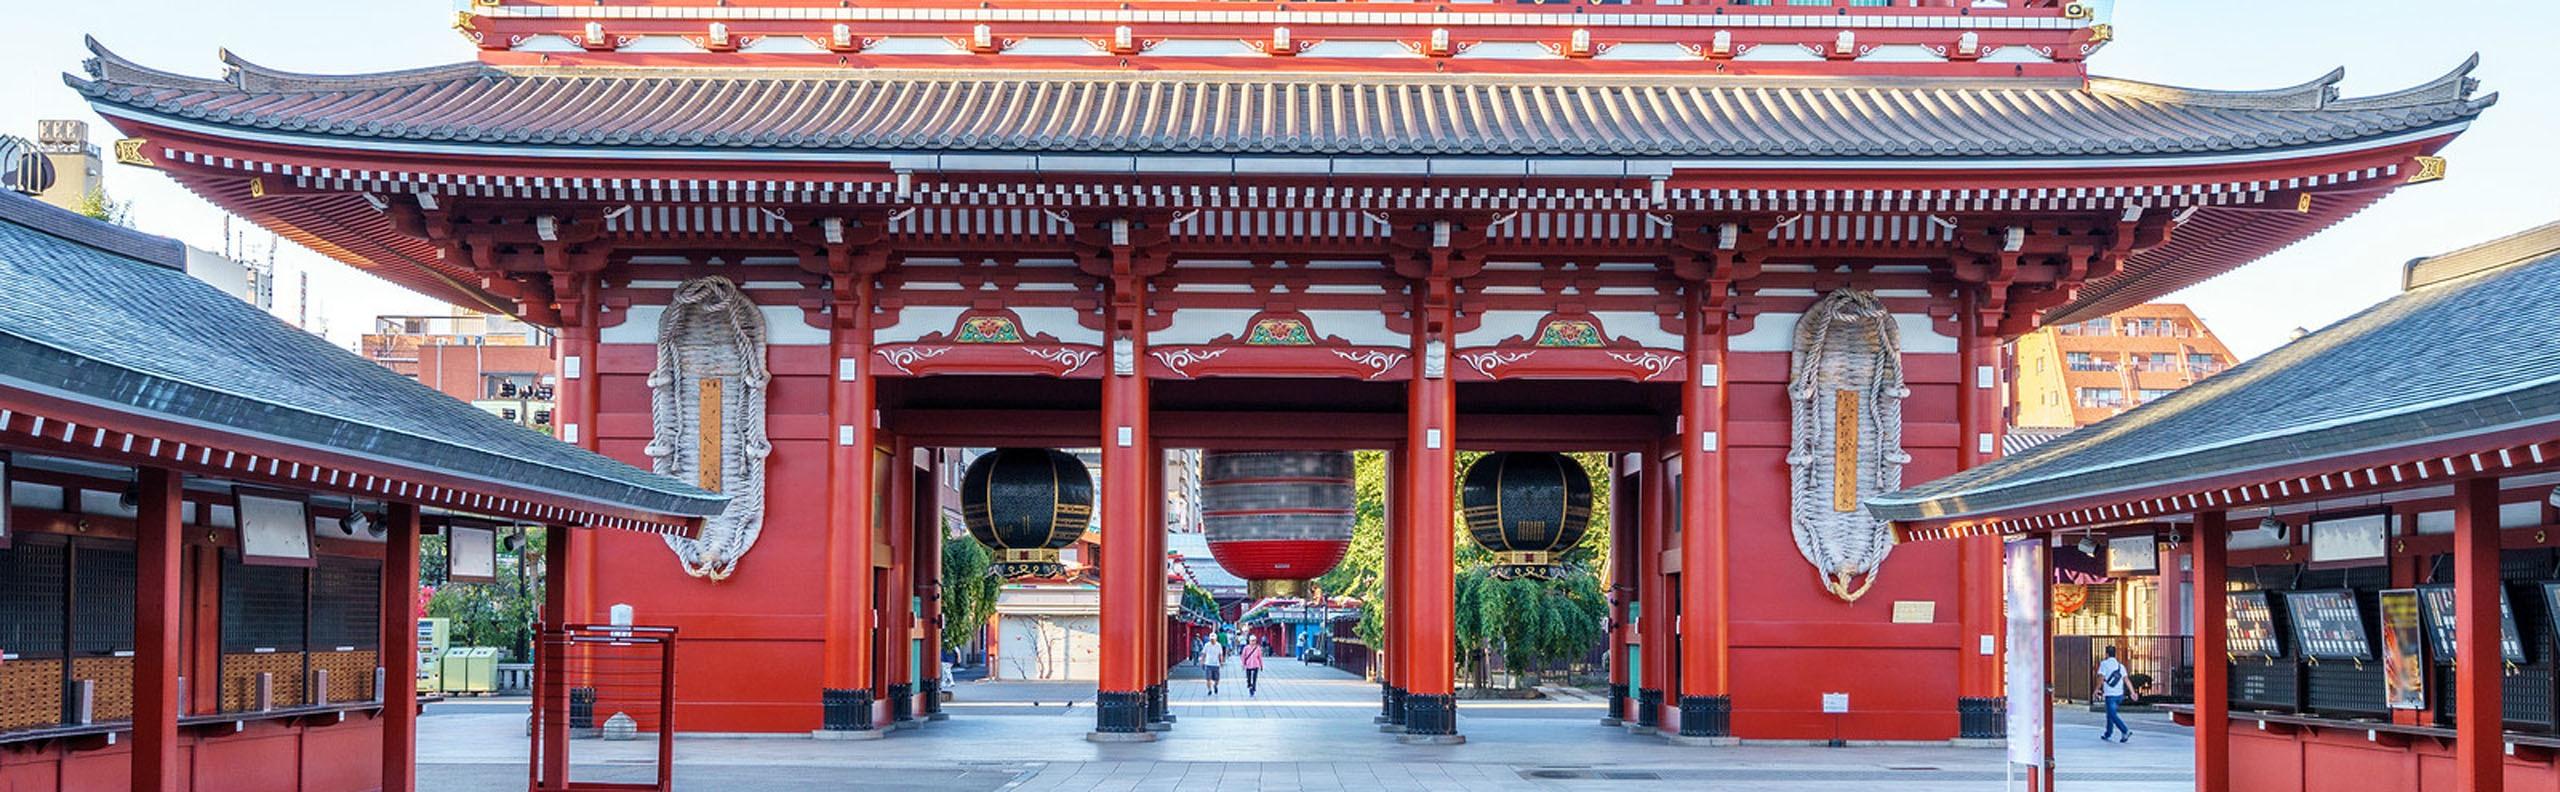 Asakusa and Senso-ji Temple Guide